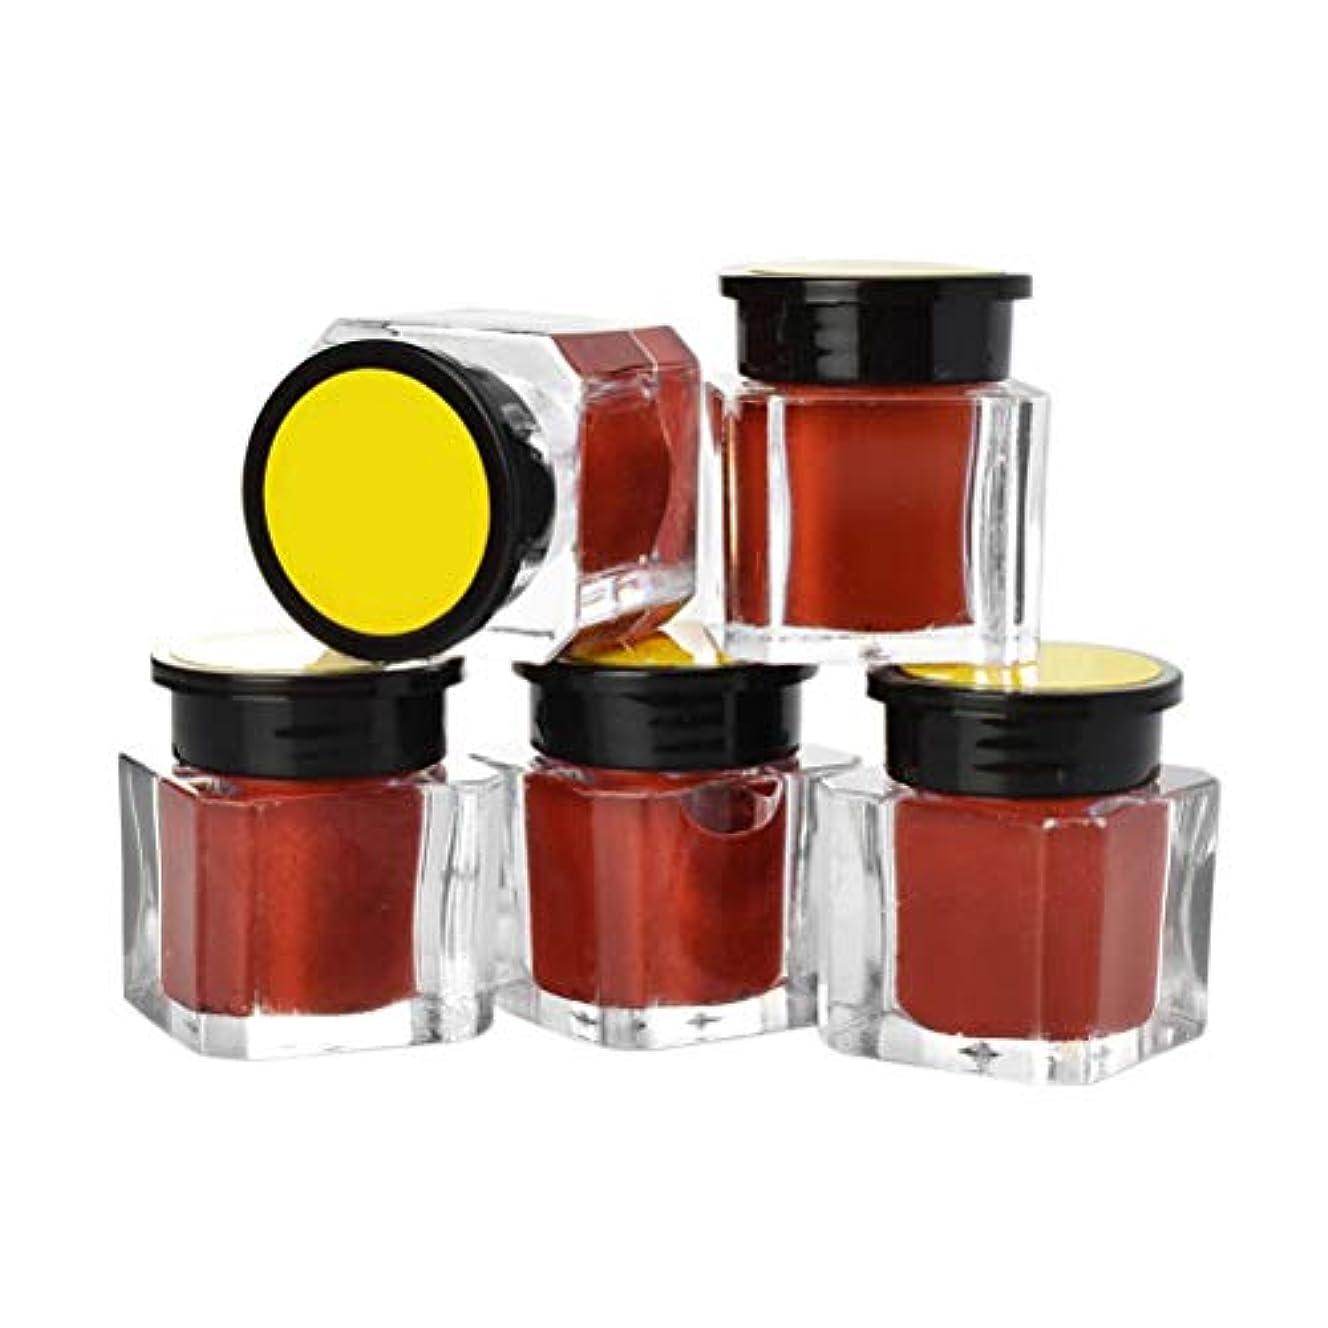 幻影充電ベーシックSUPVOX 5本タトゥー顔料インク眉アイライナーボディーアート塗料マイクロブレード色(コーヒー)